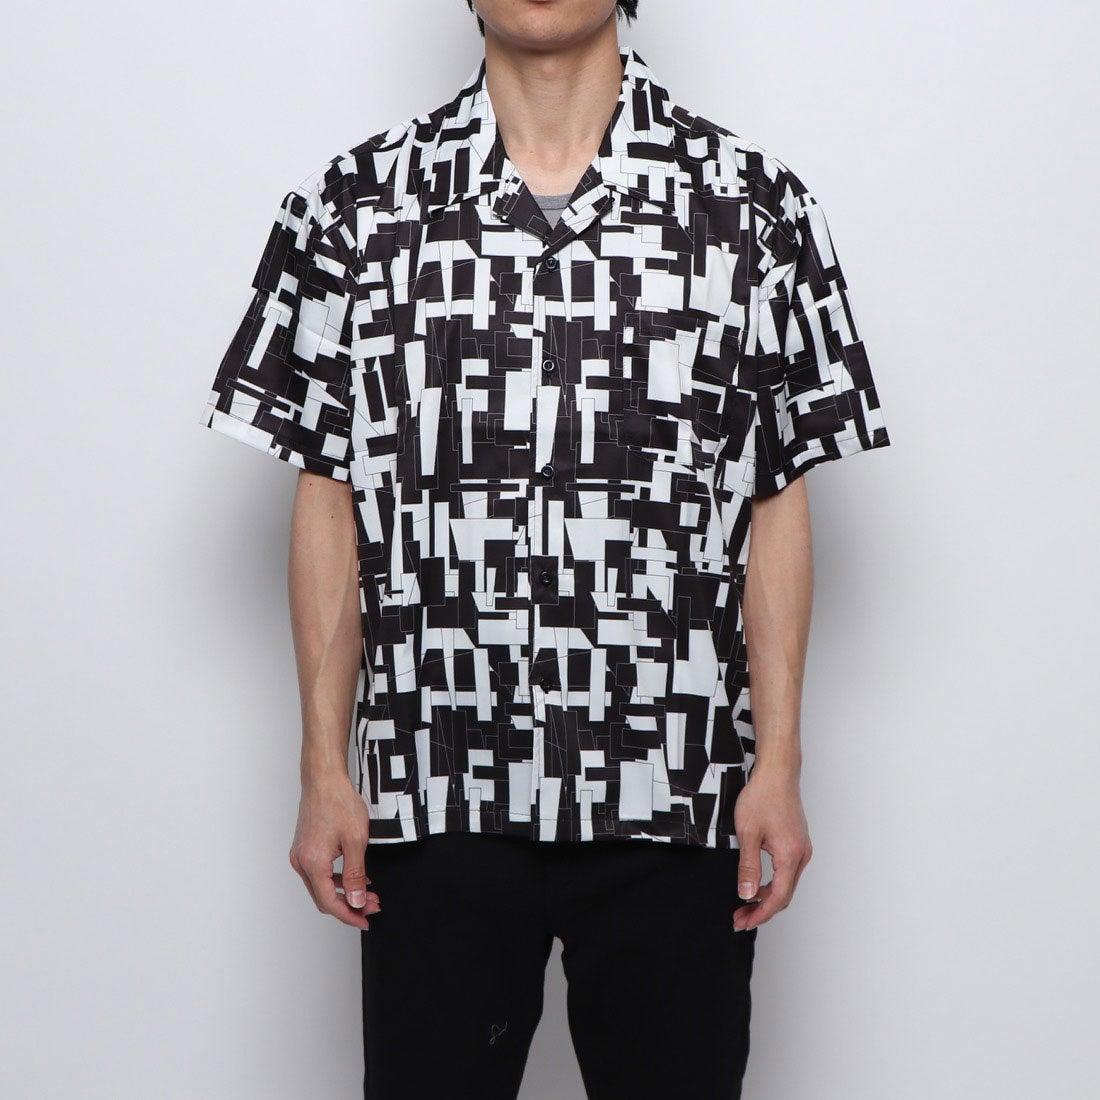 ロコンド 靴とファッションの通販サイトスタイルブロック STYLEBLOCK 総柄オープンカラーシャツ (ホワイト)